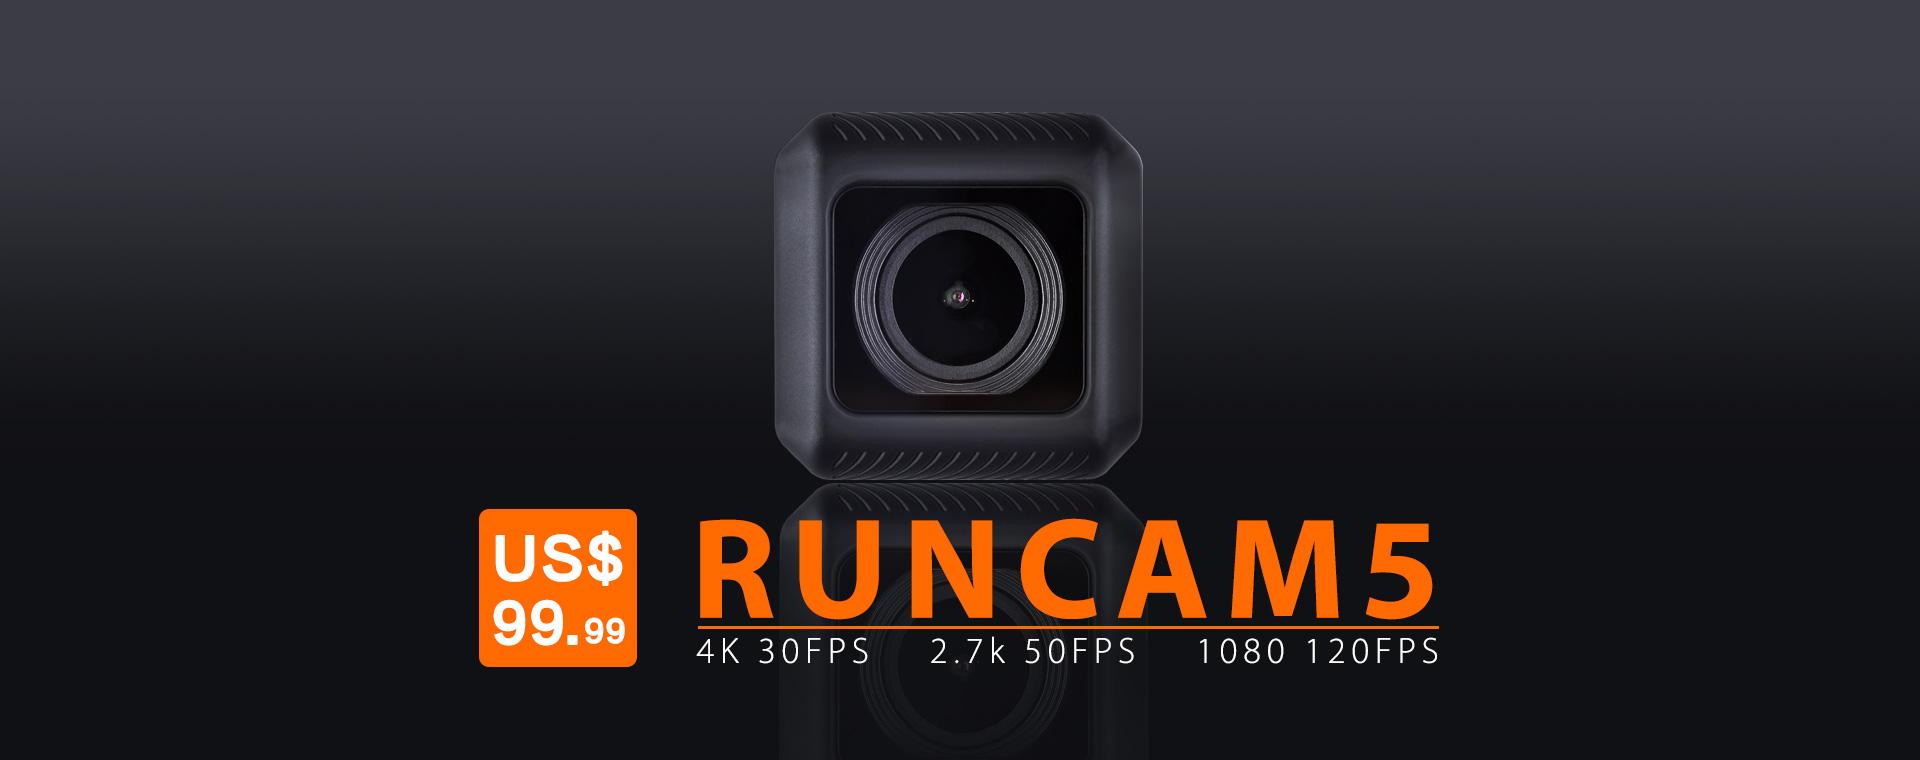 RunCam 5